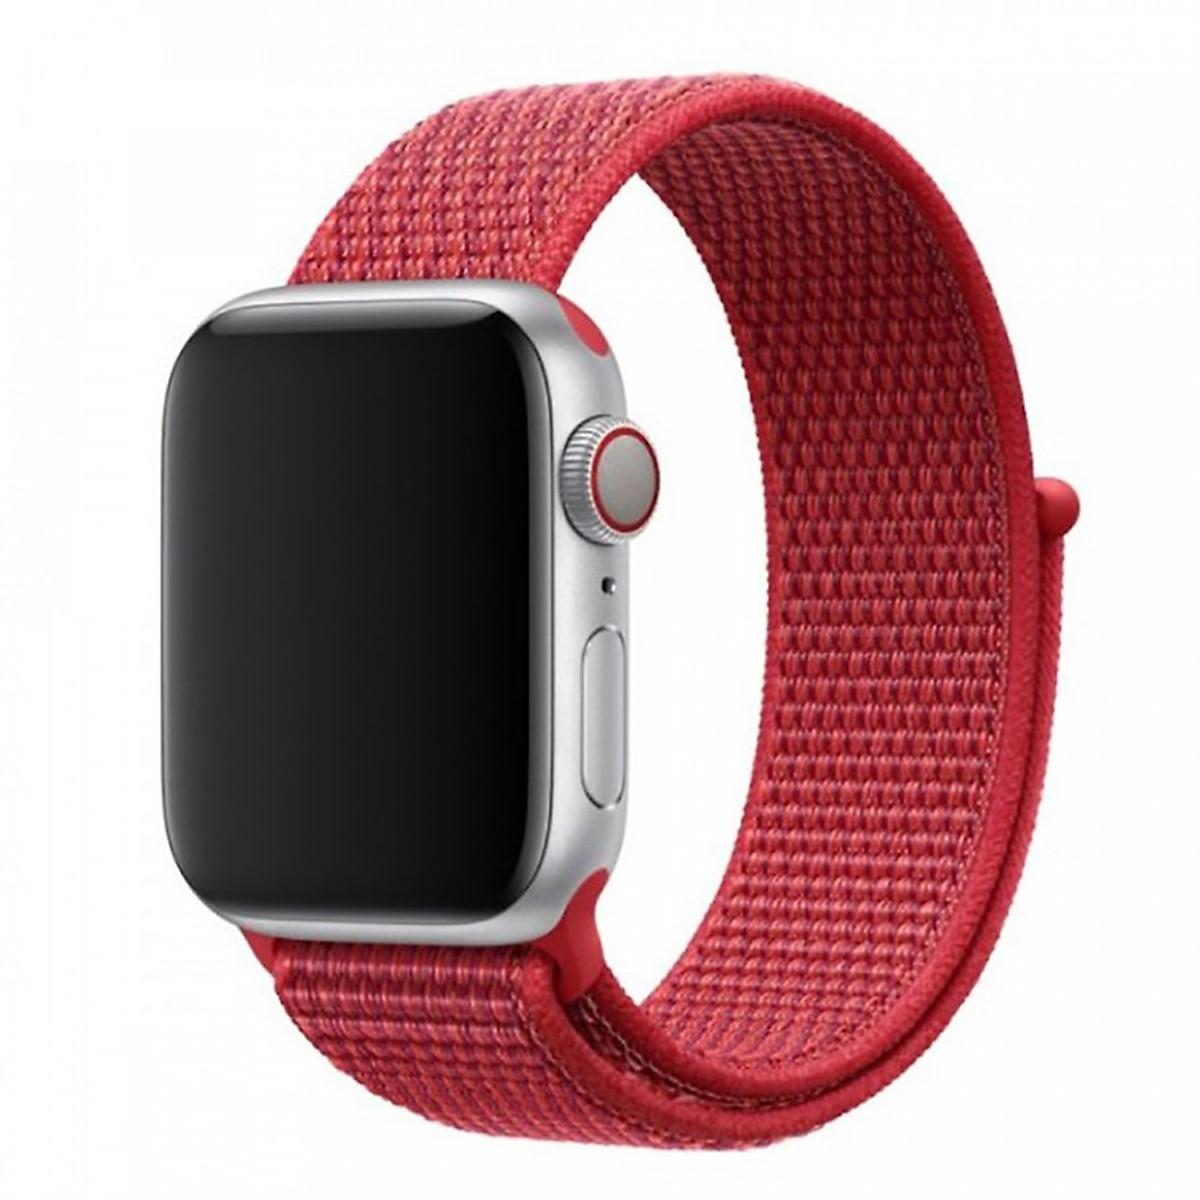 Dây đeo Sport loop Nylon cho Apple Watch - màu đỏ đủ Size PhanhDuong Hàng chính hãng